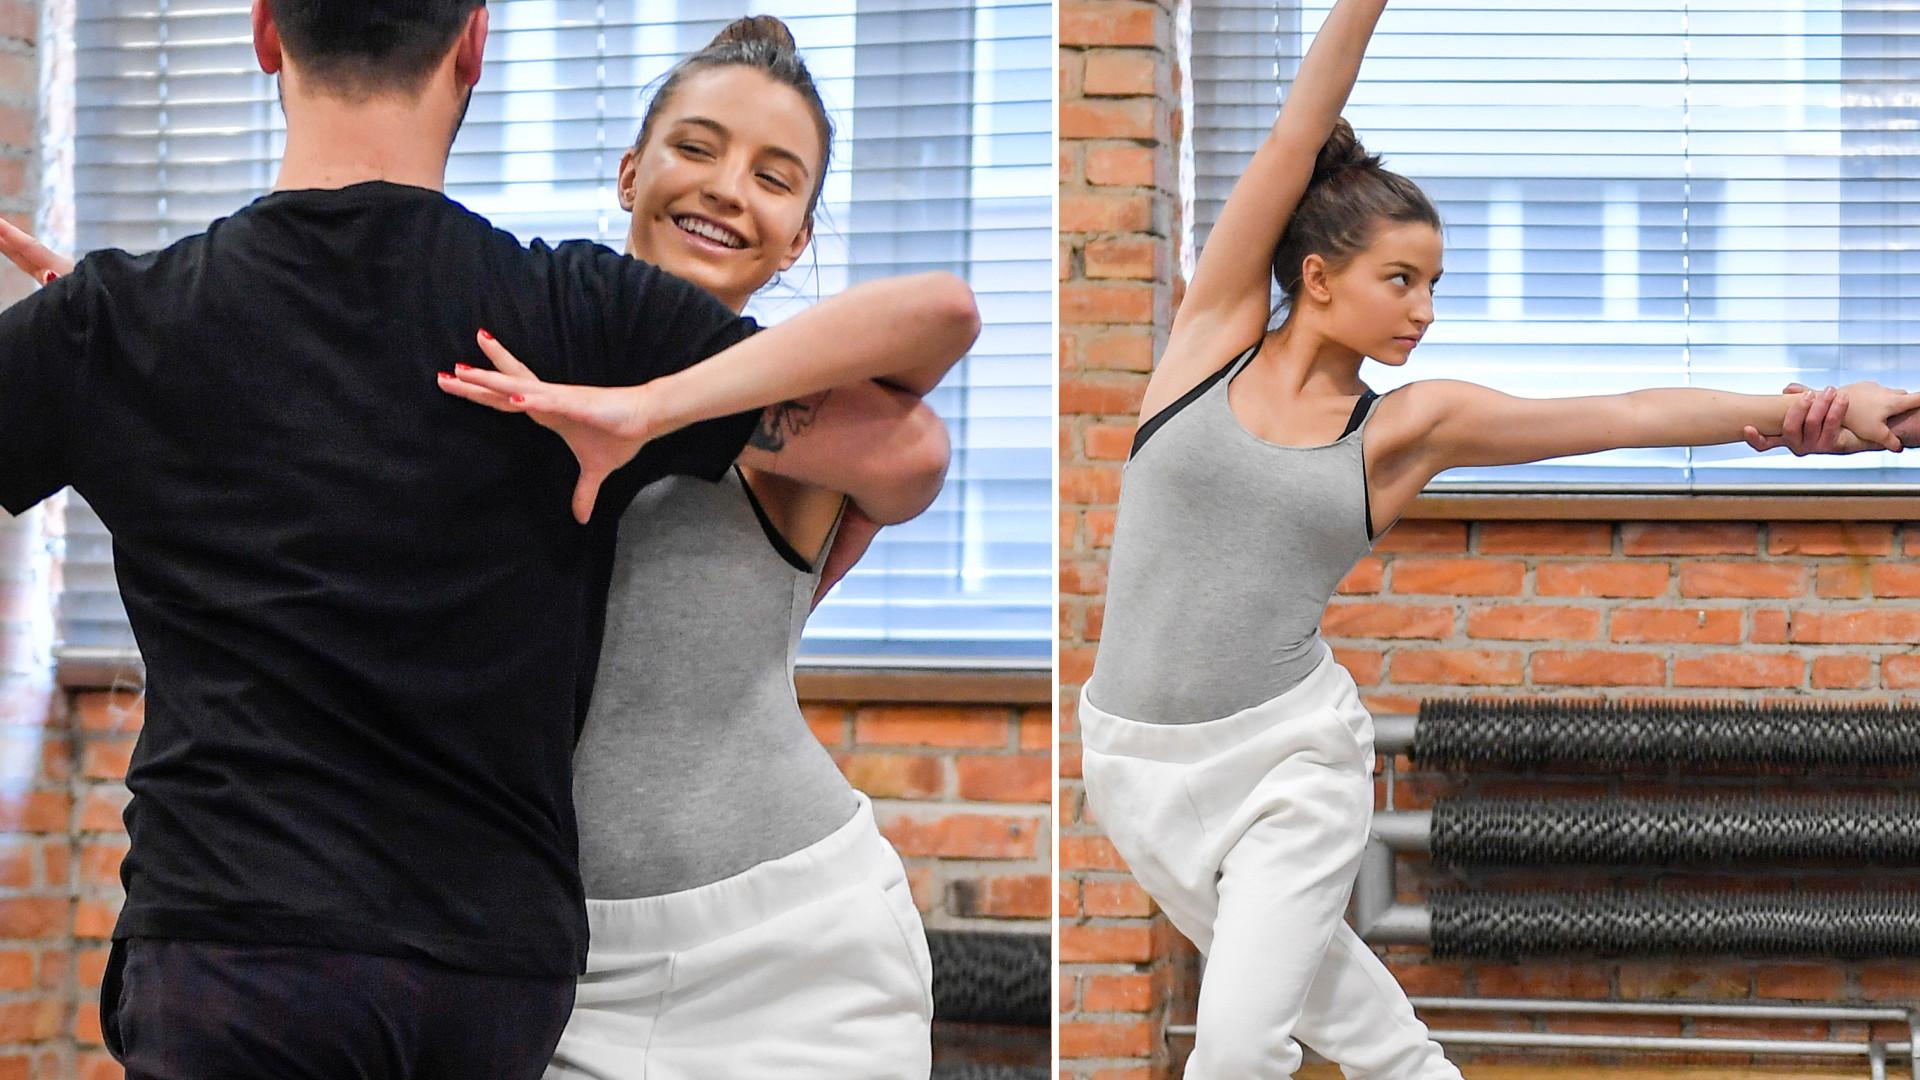 Julia Wieniawa wysmukla TALIĘ na treningu ze Stefano (ZDJĘCIA)